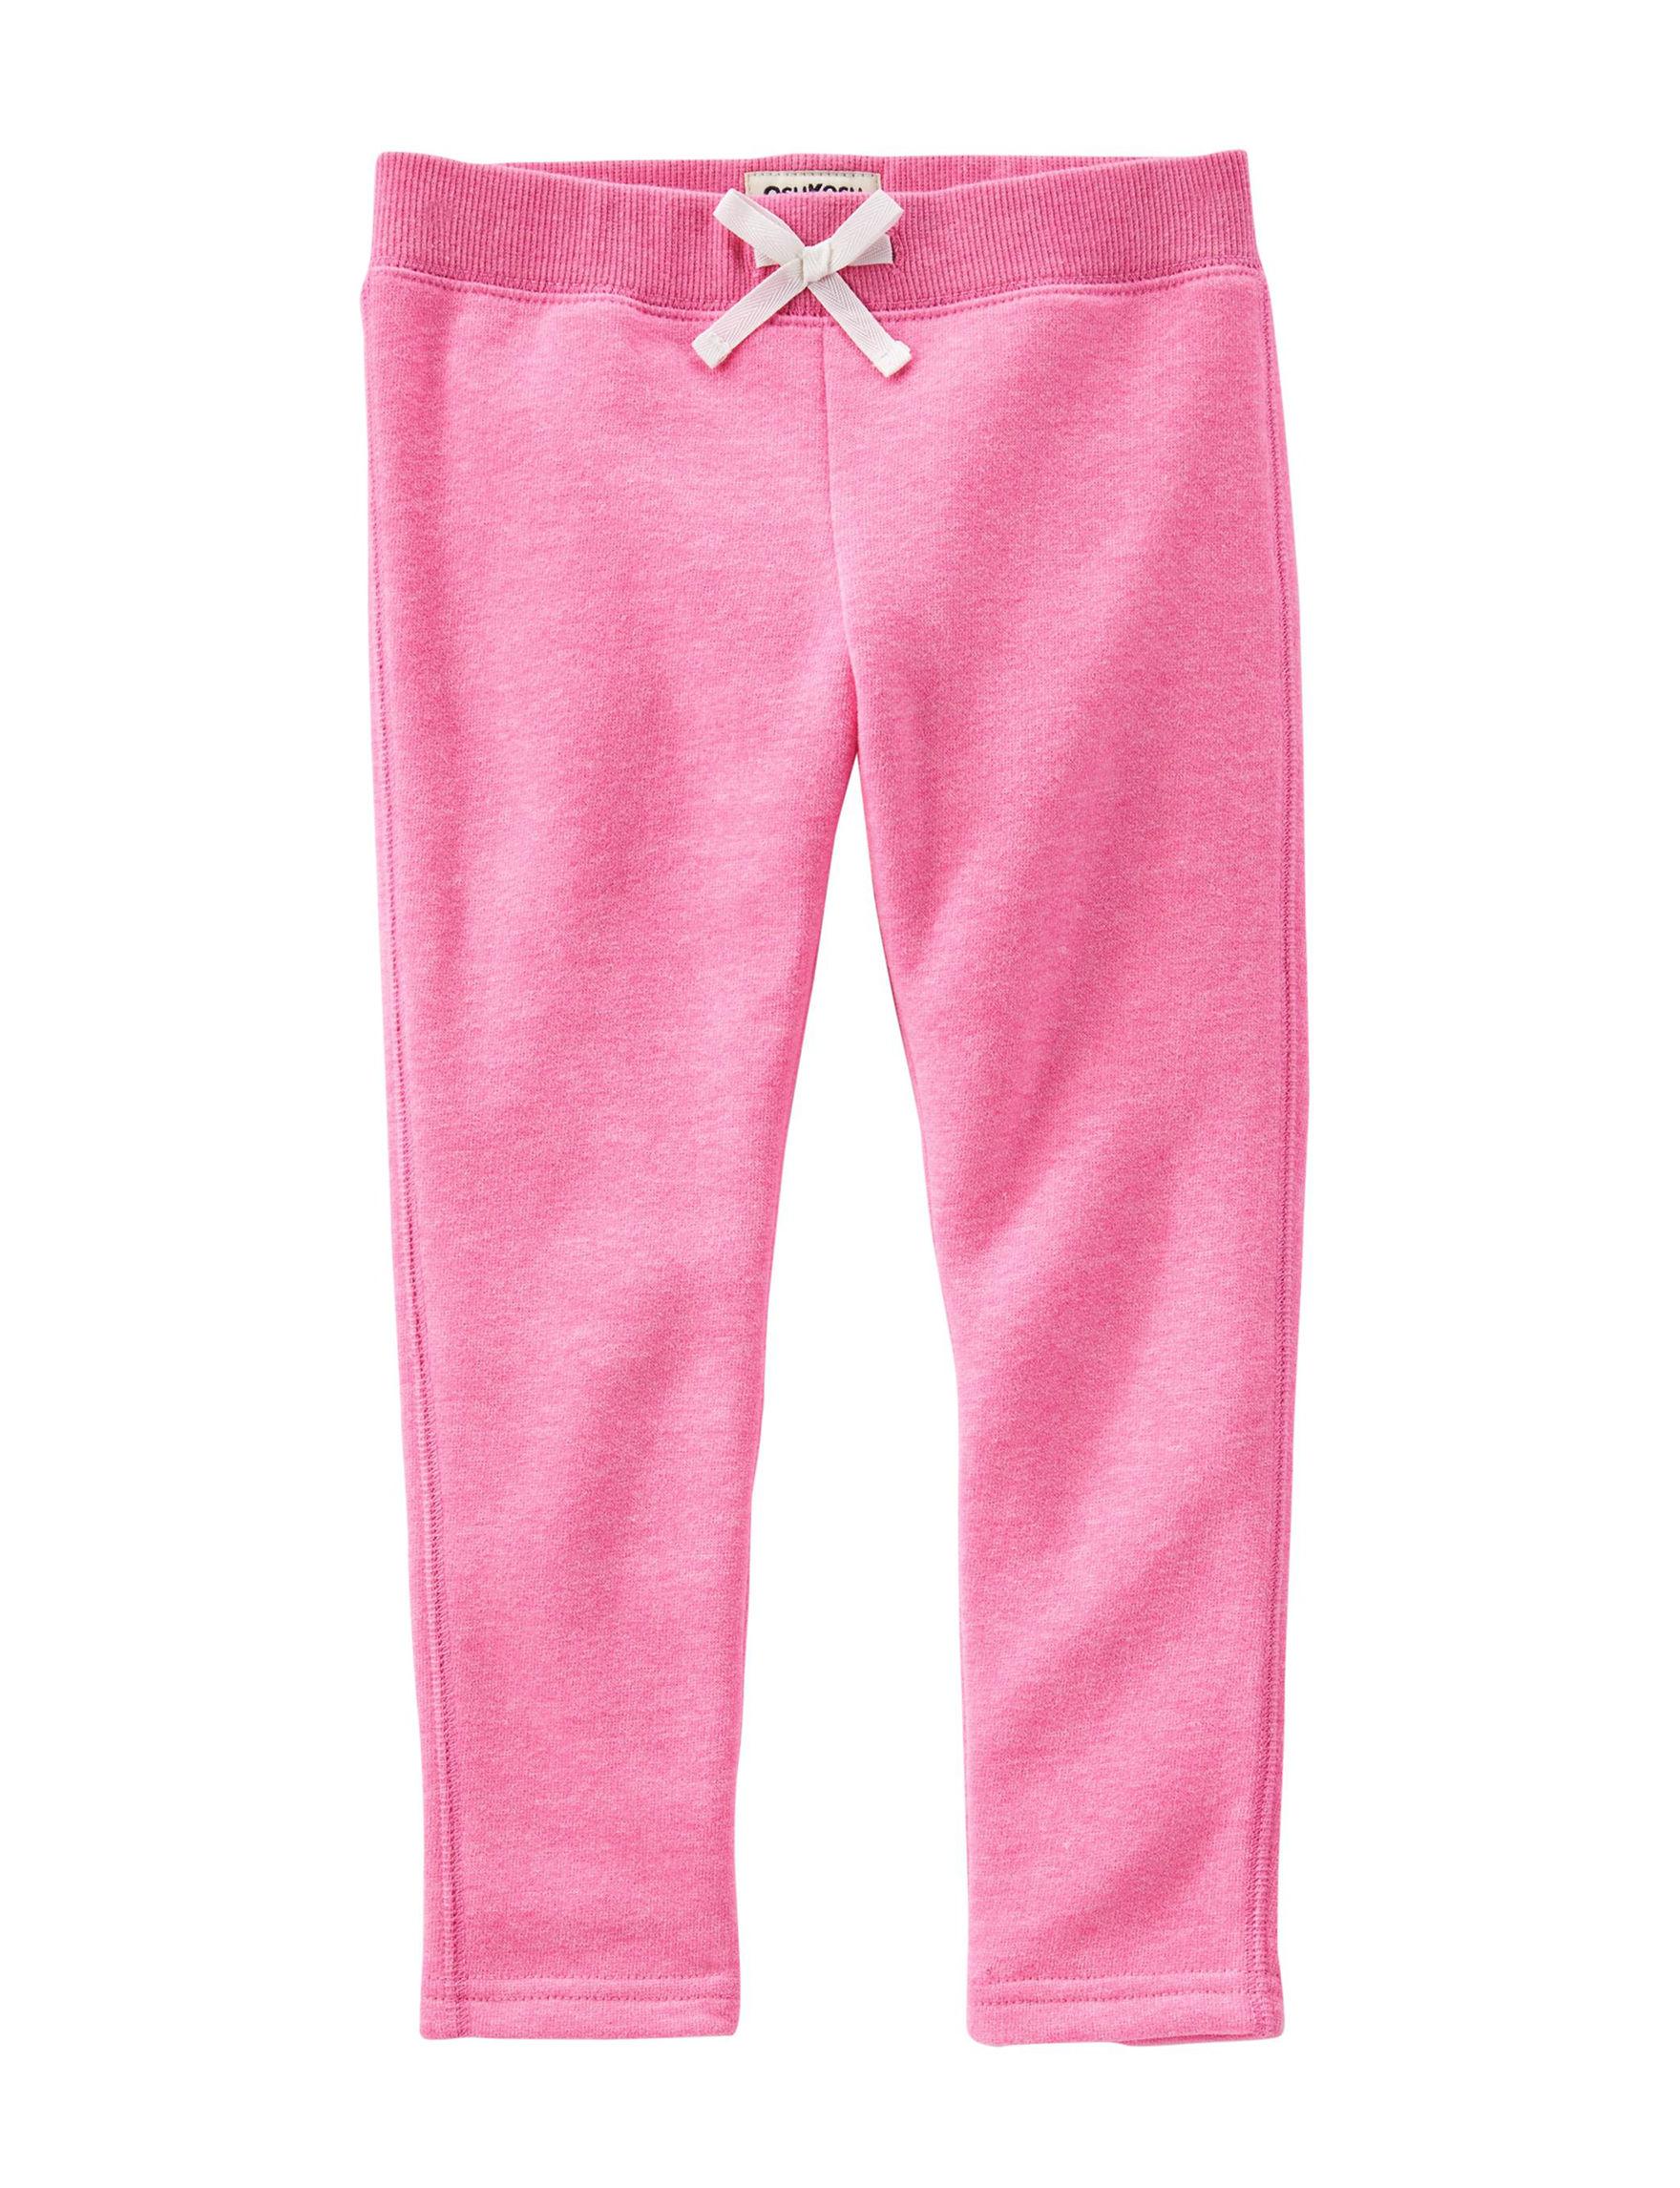 Oshkosh B'Gosh Pink Loose